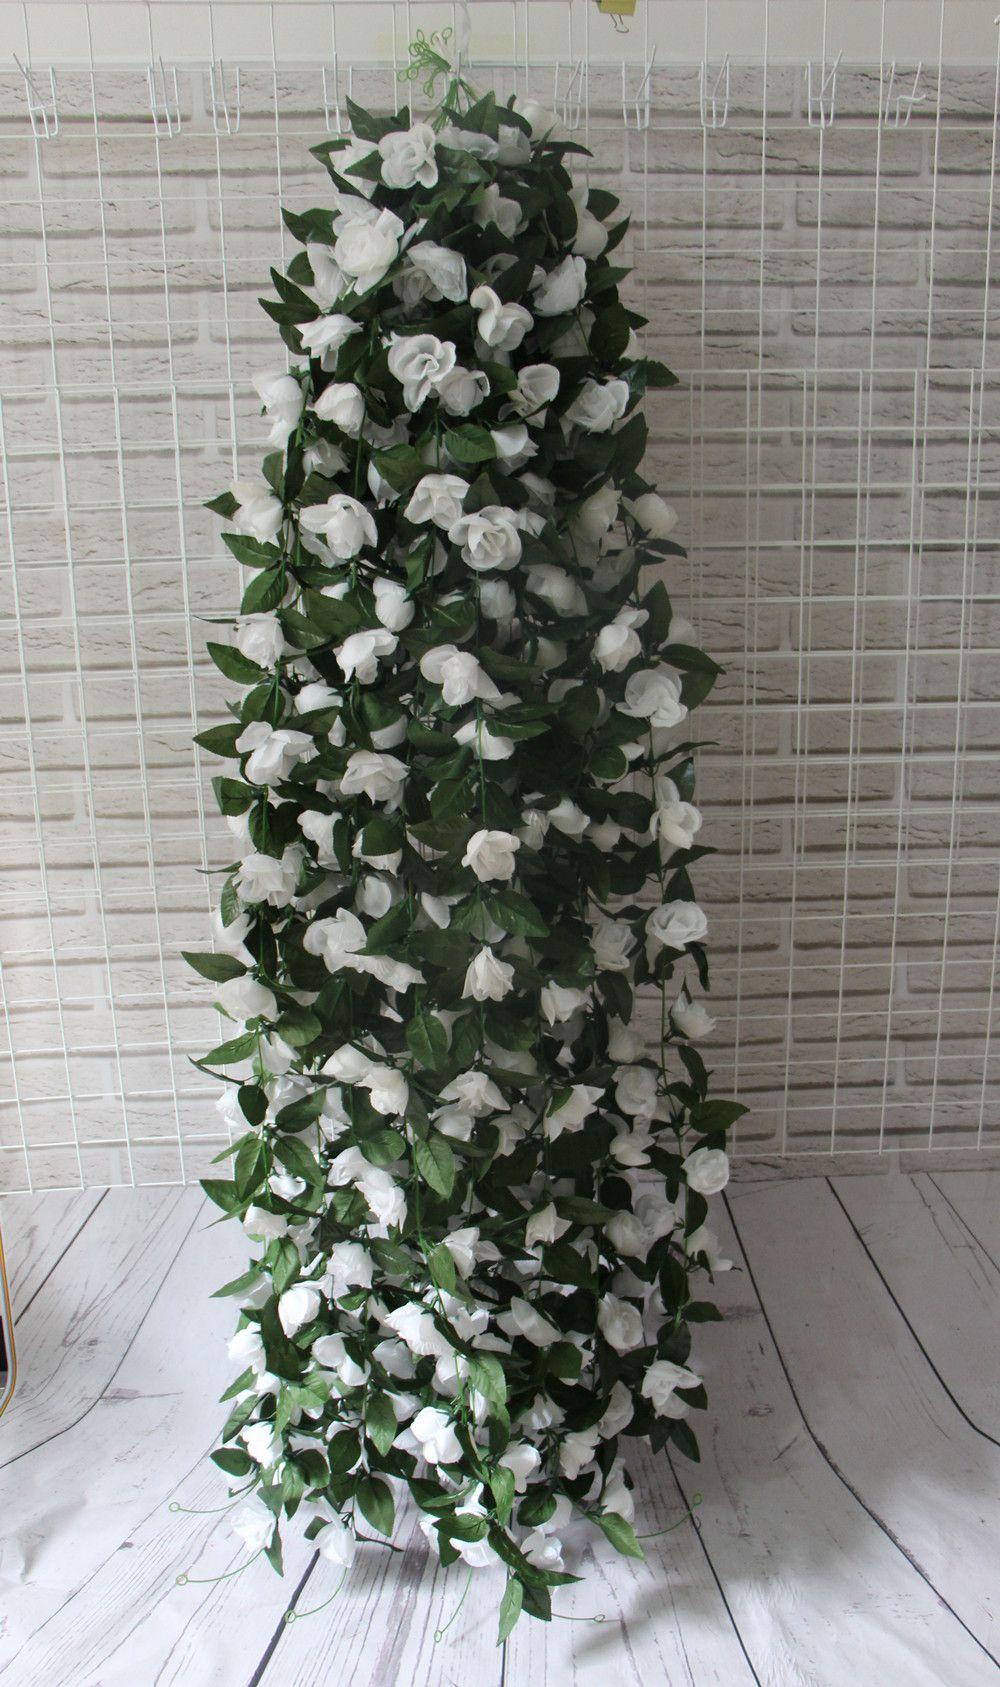 Artificial Rose Garland Silk Flower Vine Ivy Home Wedding Garden Decoration red white green leaves 180cm